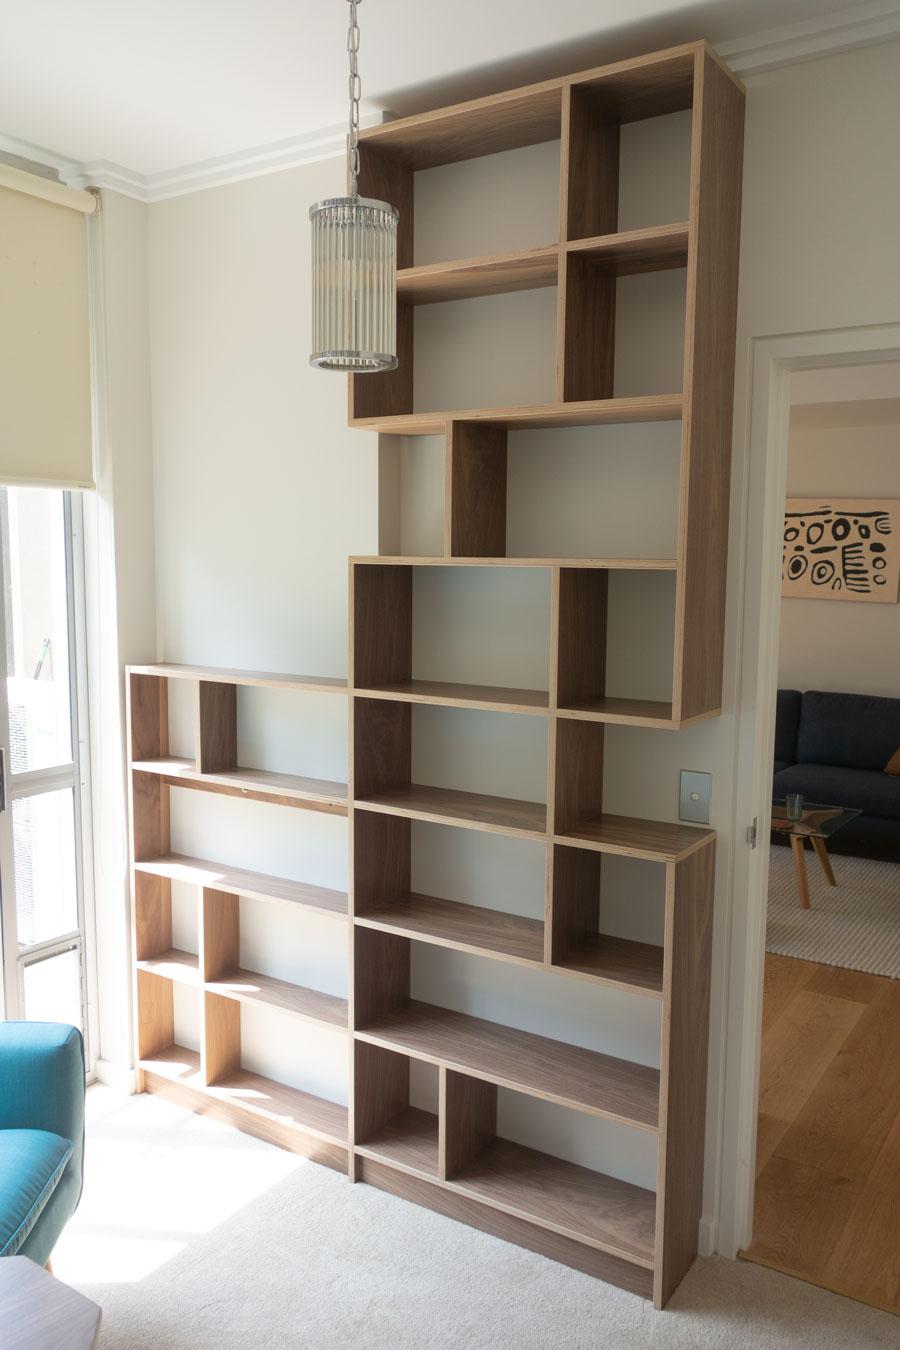 Birch ply bookshelf with walnut veneer